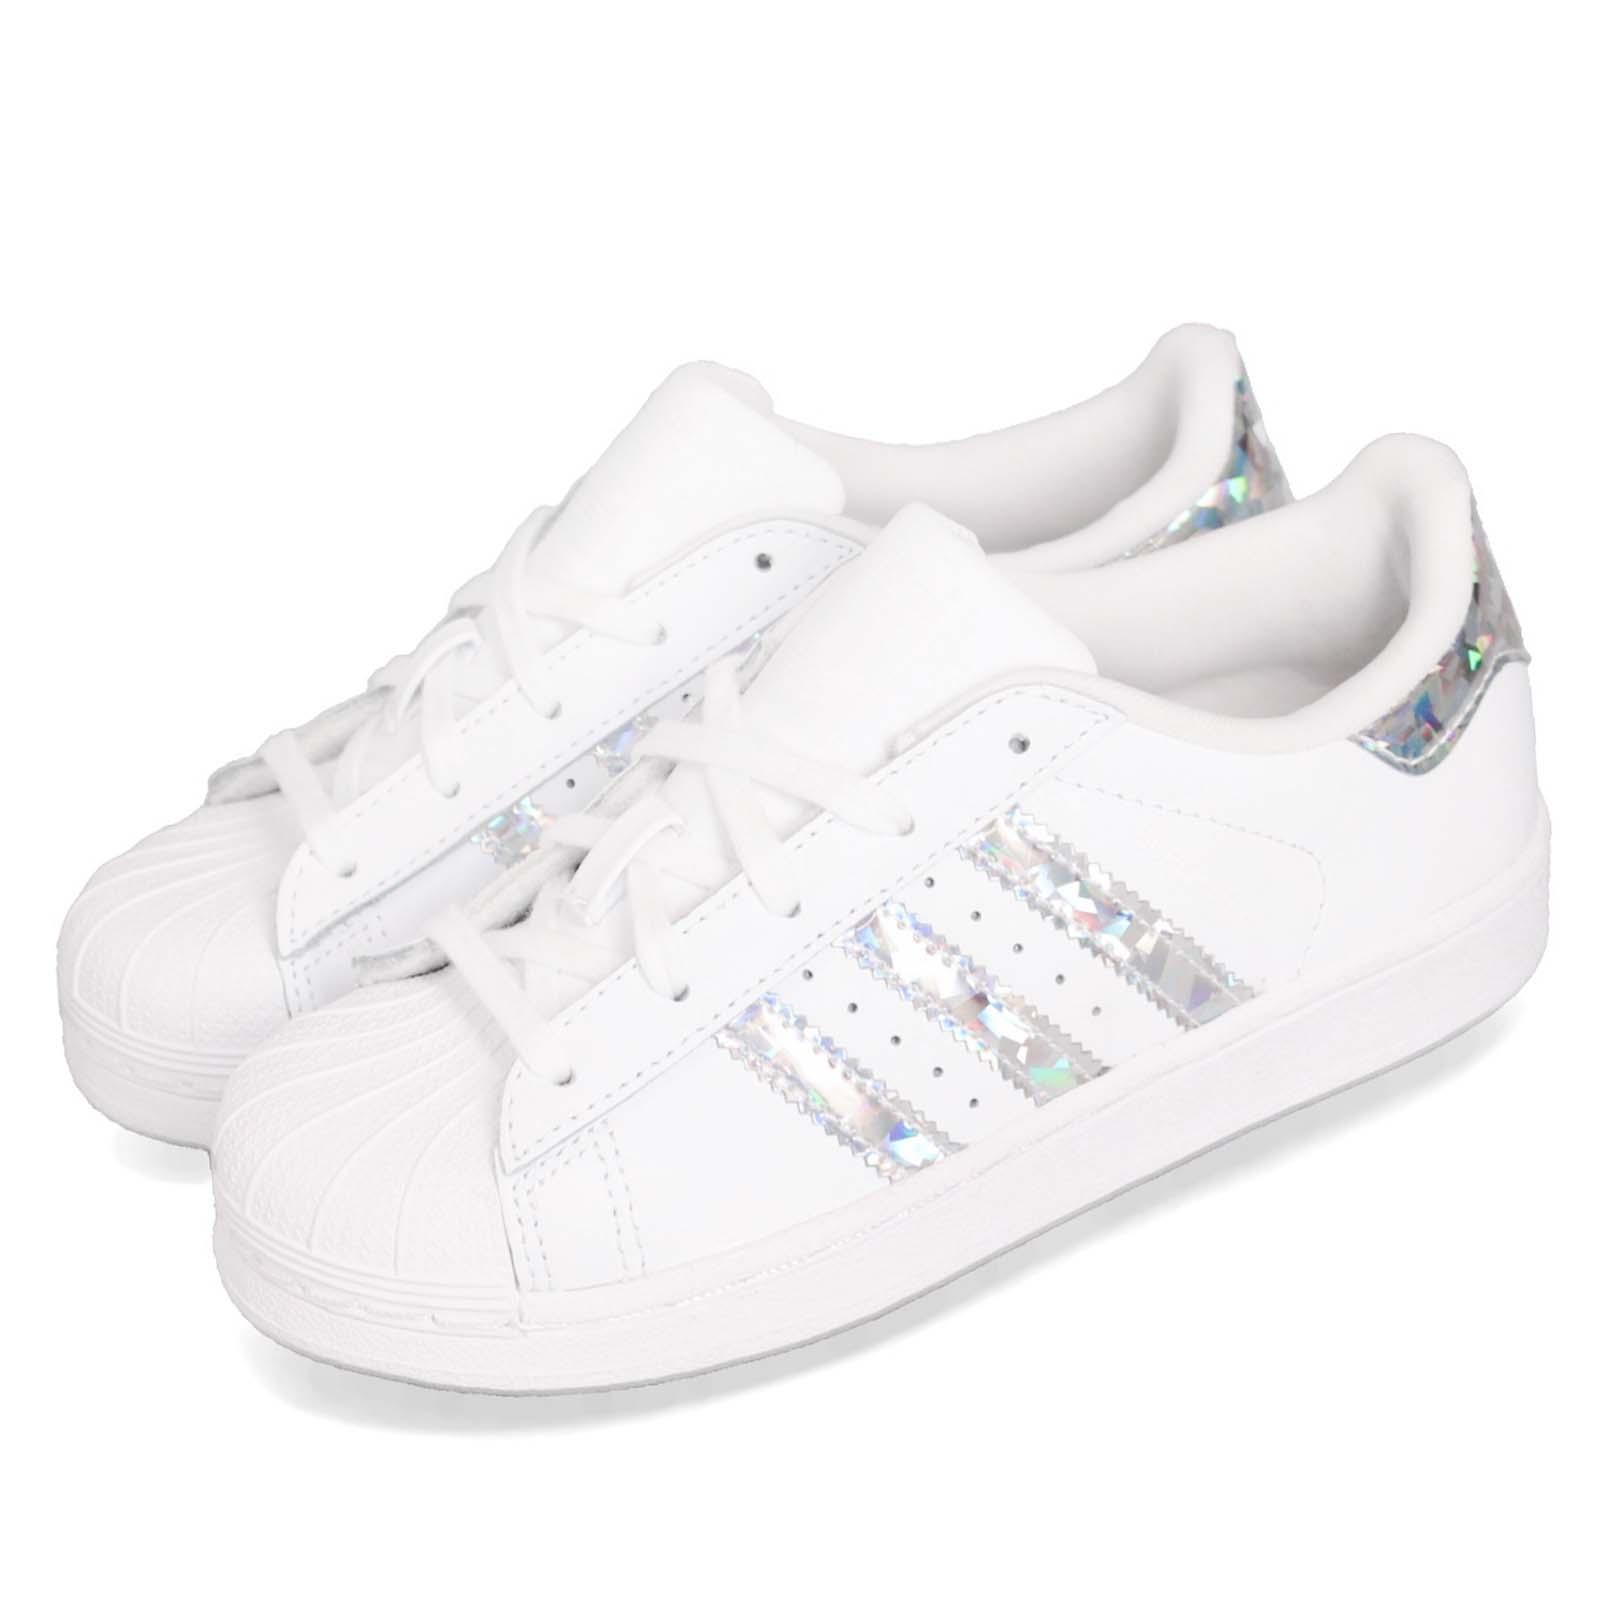 adidas 休閒鞋 Superstar 童鞋 CG6708